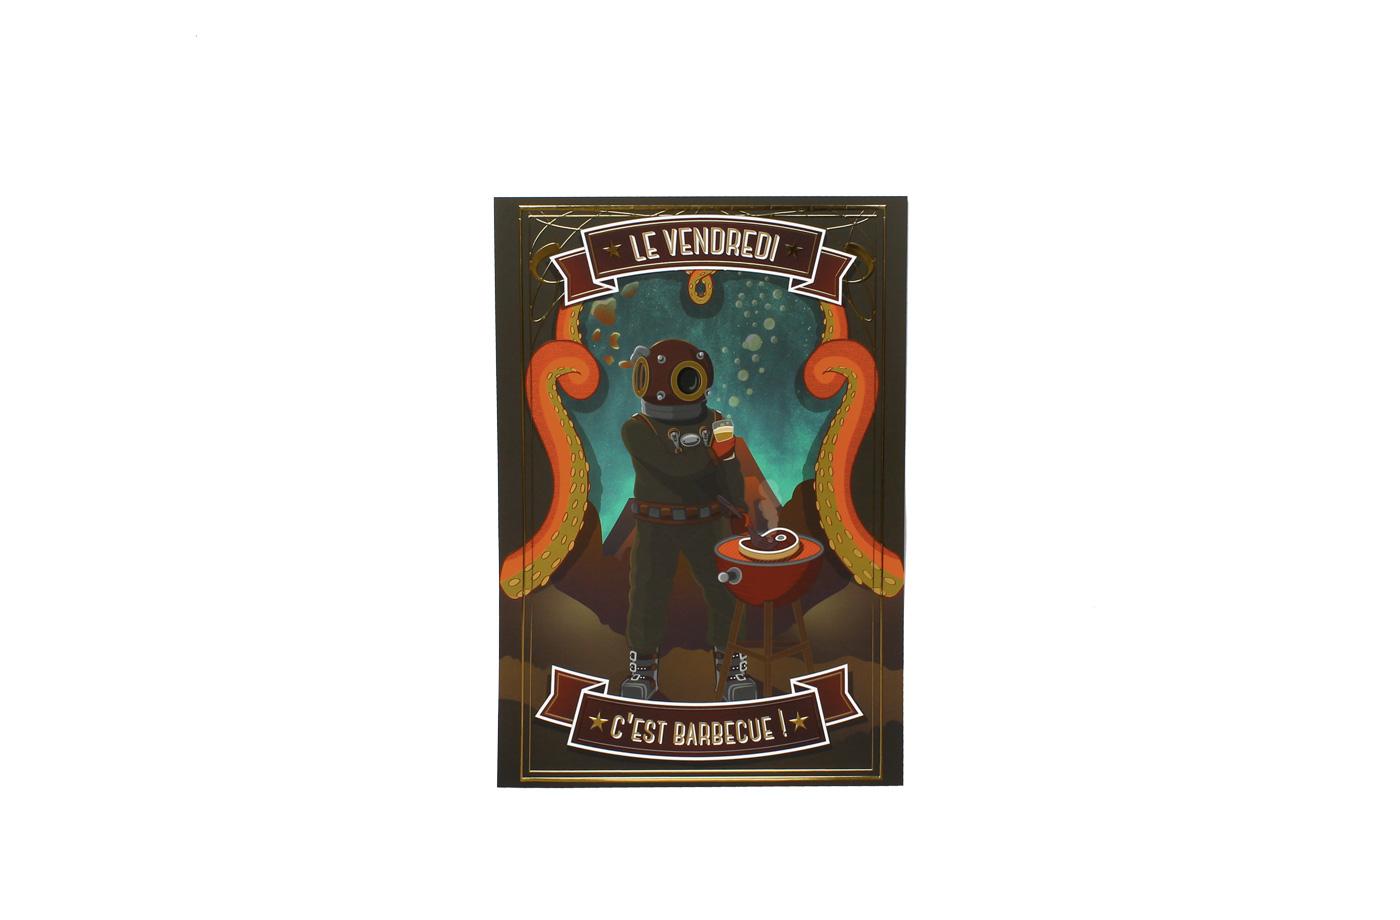 Affiche Vendredi Barbecue 5 3701310202807